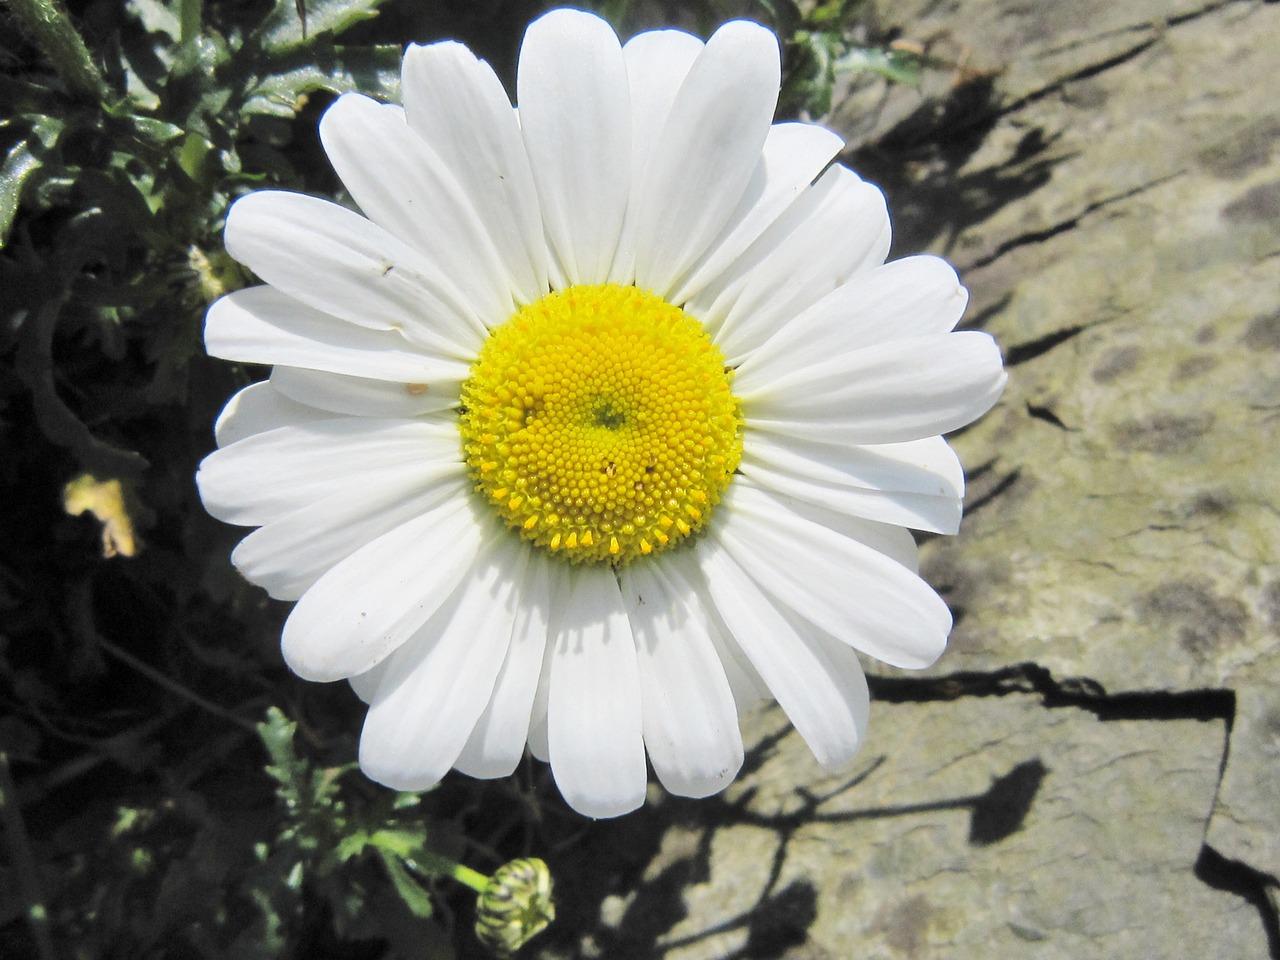 перекармливать, картинка цветов улыбок узнали ней благодаря